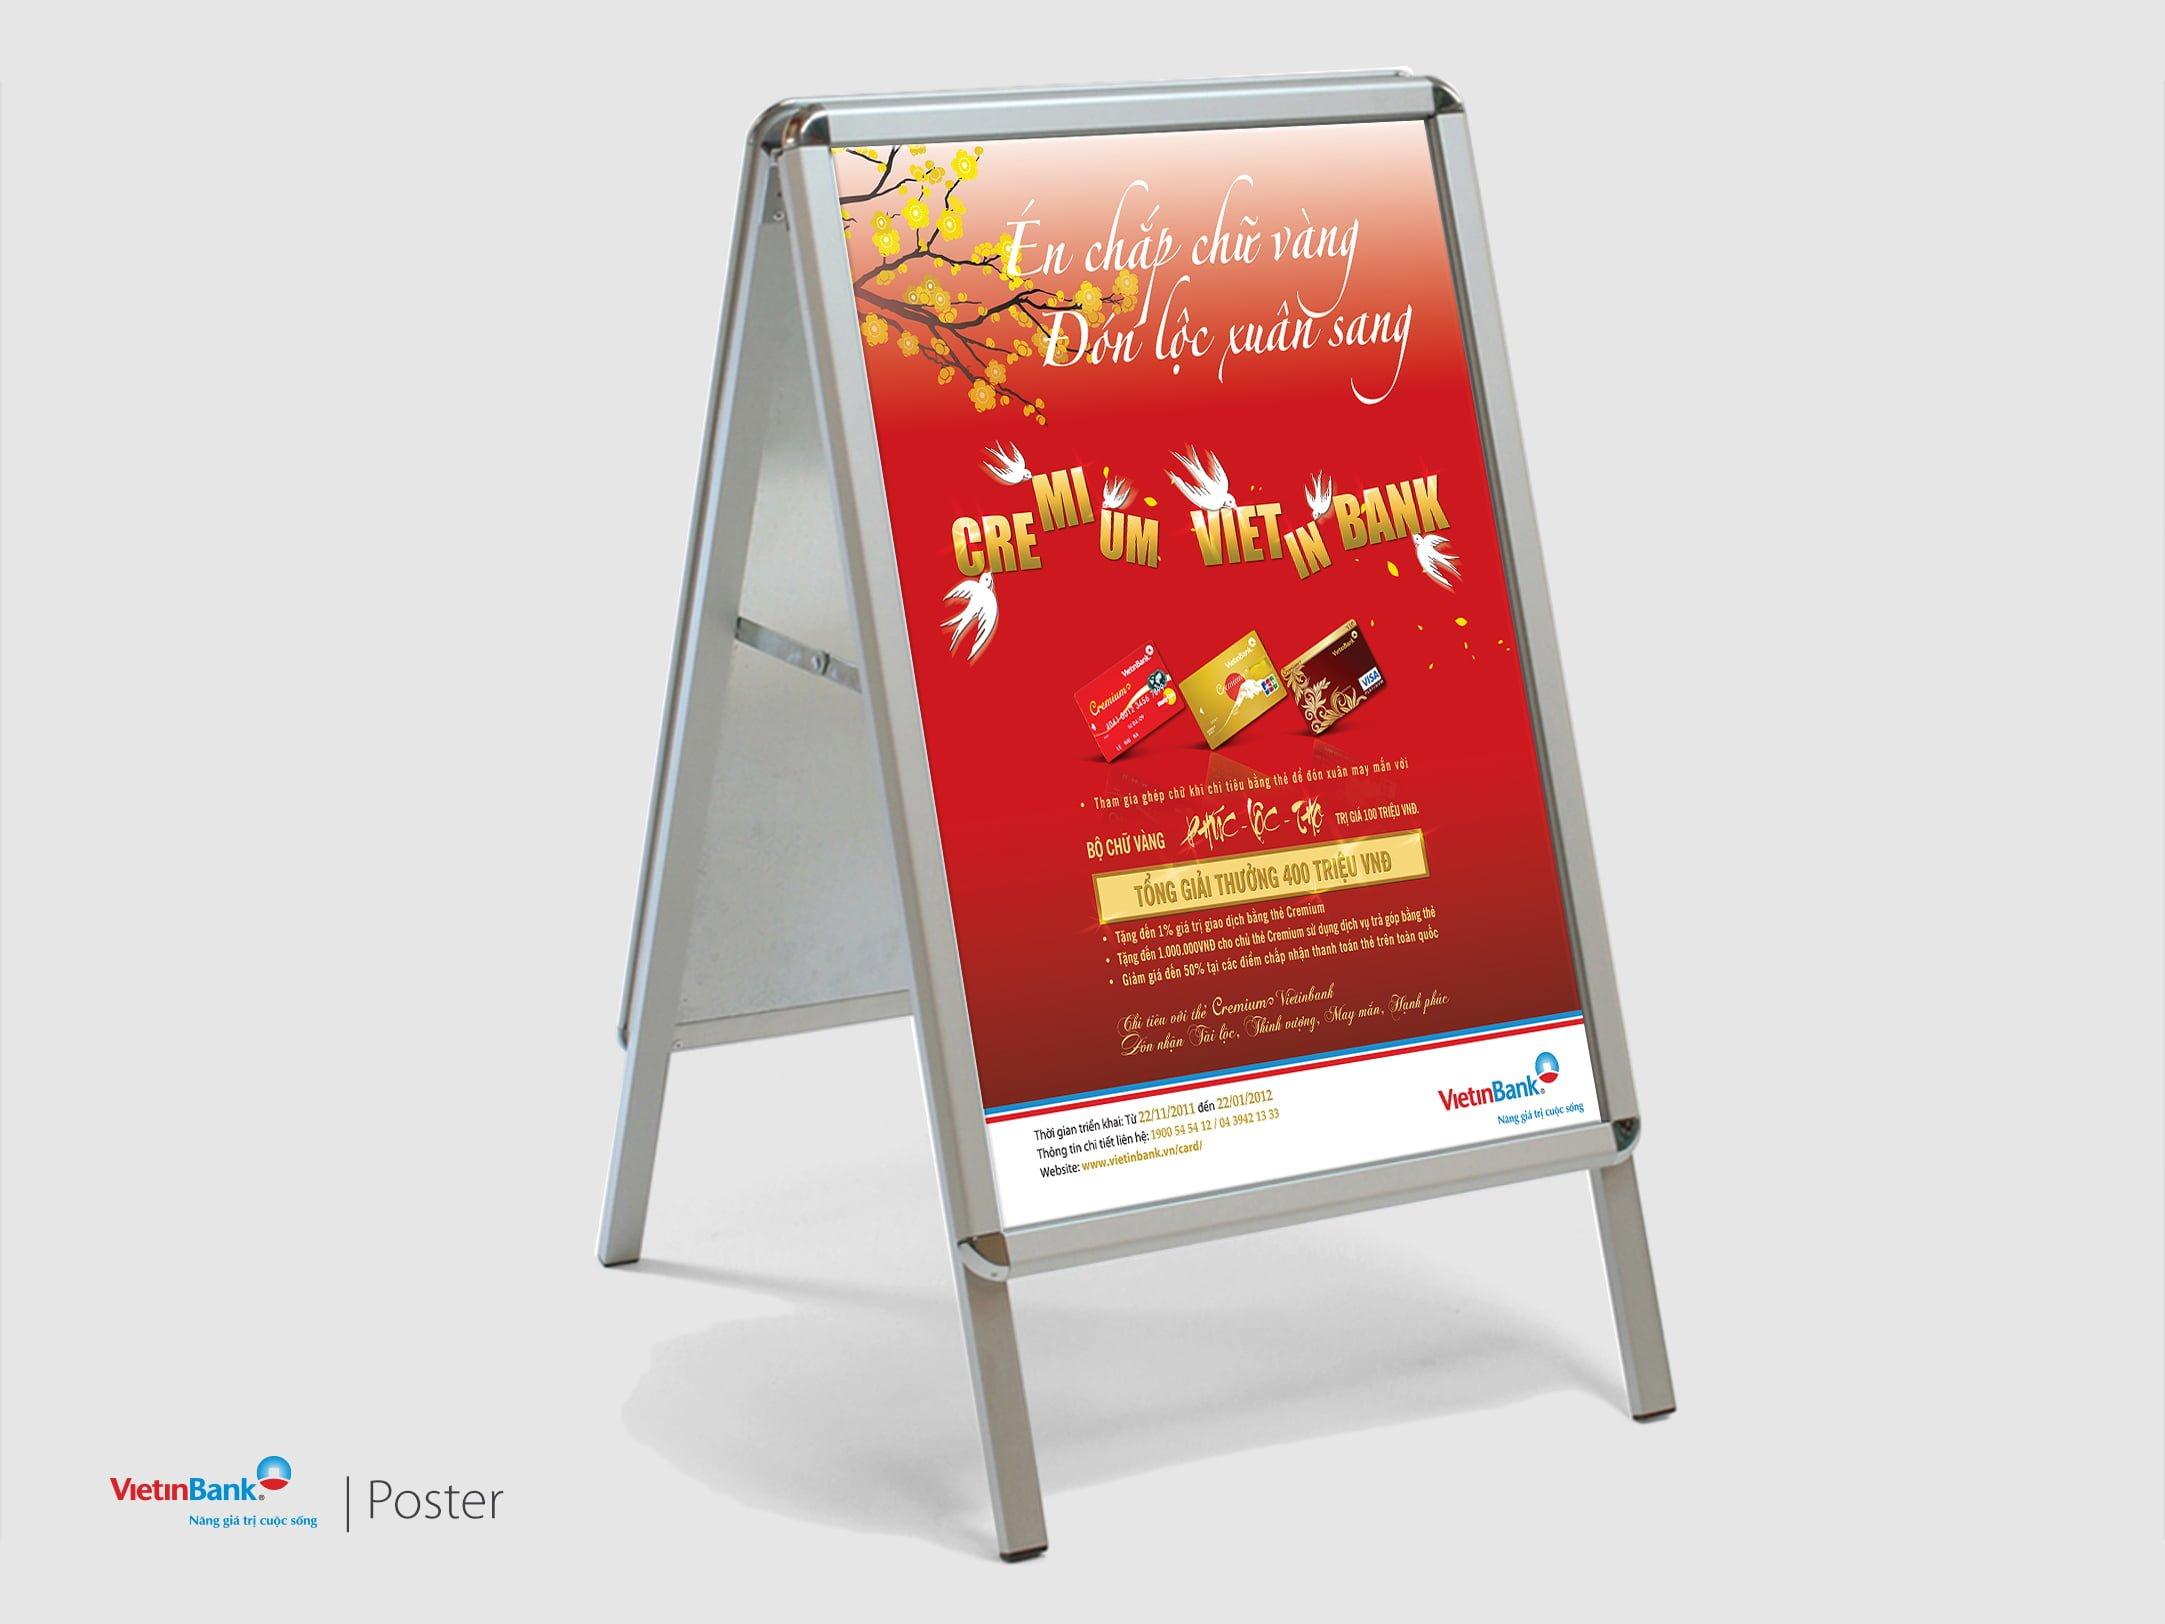 Poster mang đến rất nhiều lợi ích cho các doanh nghiệp – Hình ảnh được chụp bởi NamVietAd.Com